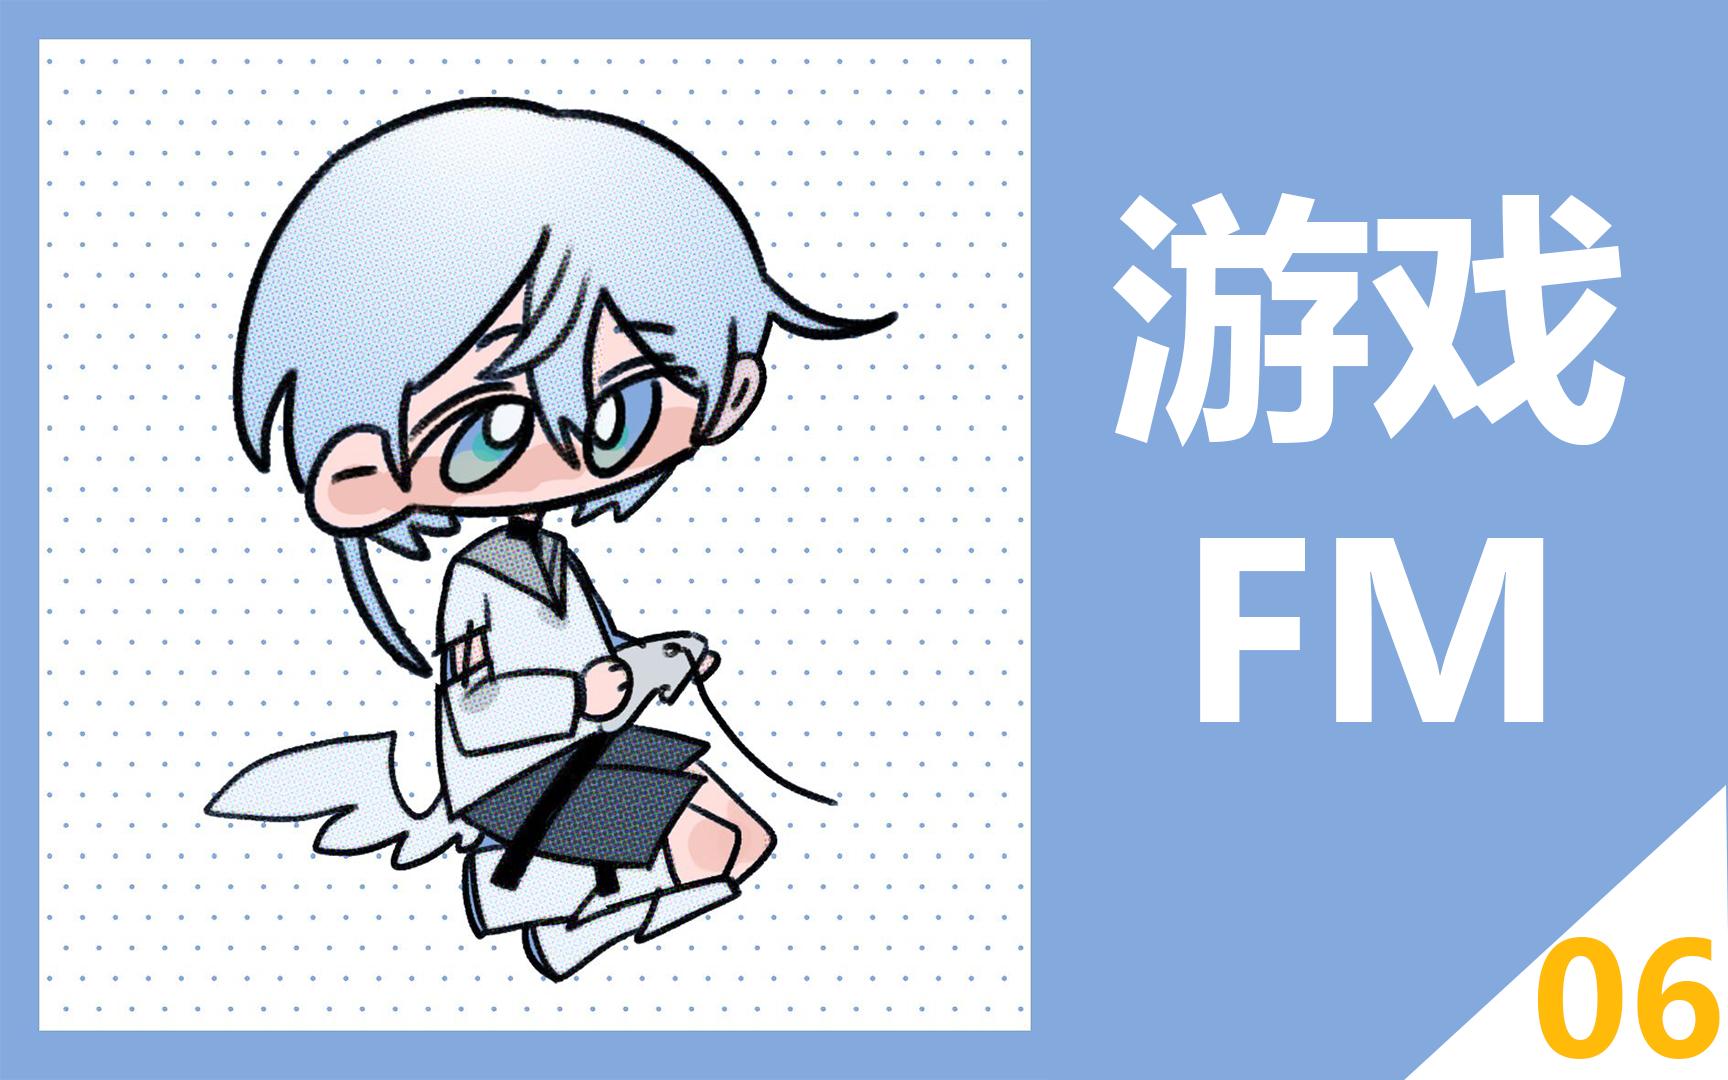 【搞点没人看】通勤陪睡游戏FM(第六期) 任天堂ND